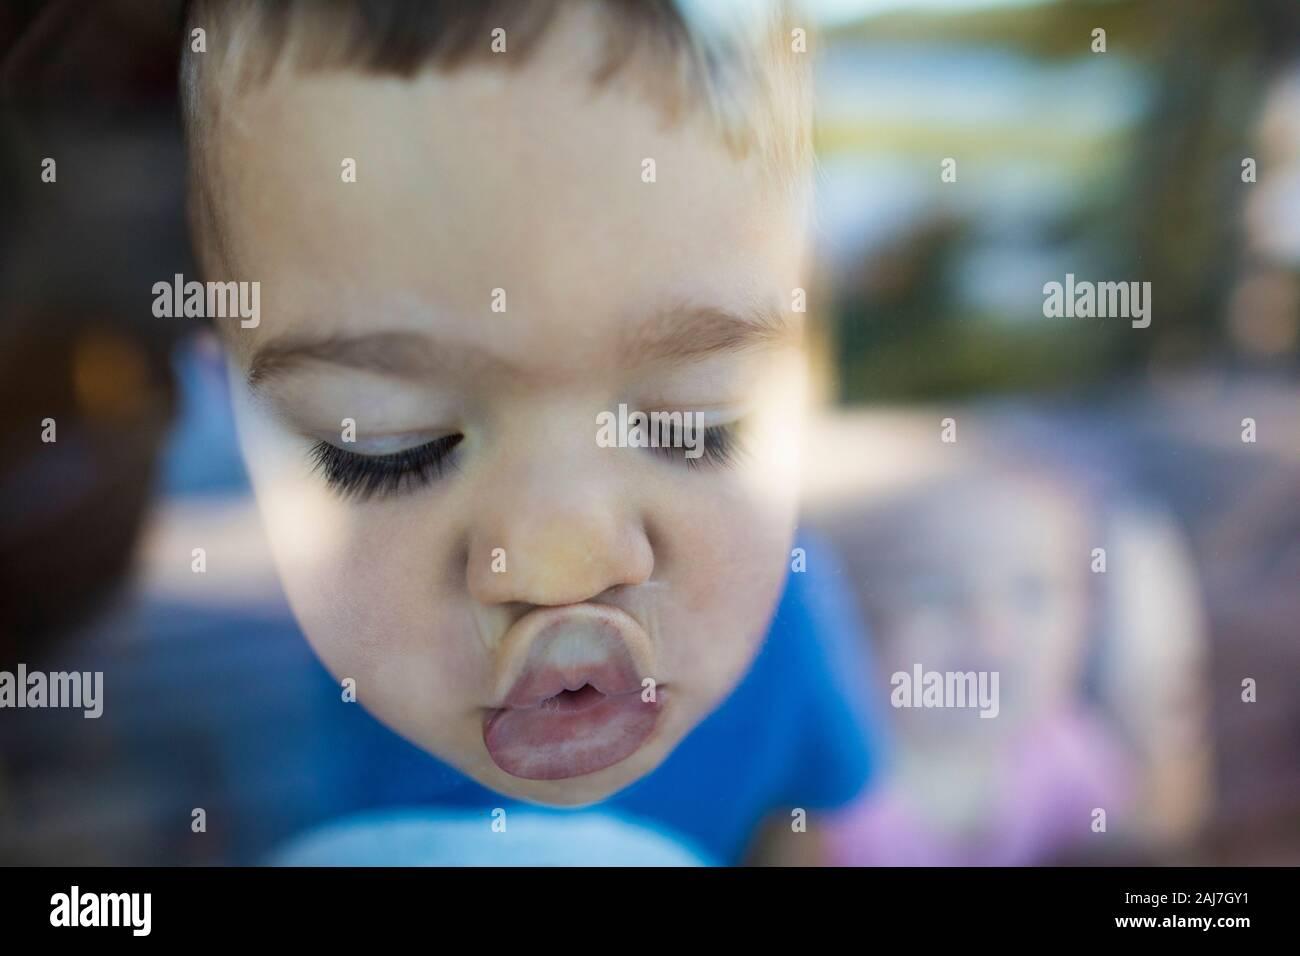 Der junge Junge schiebt seine Lippen gegen ein Fenster, um einen Kuss zu machen Stockfoto